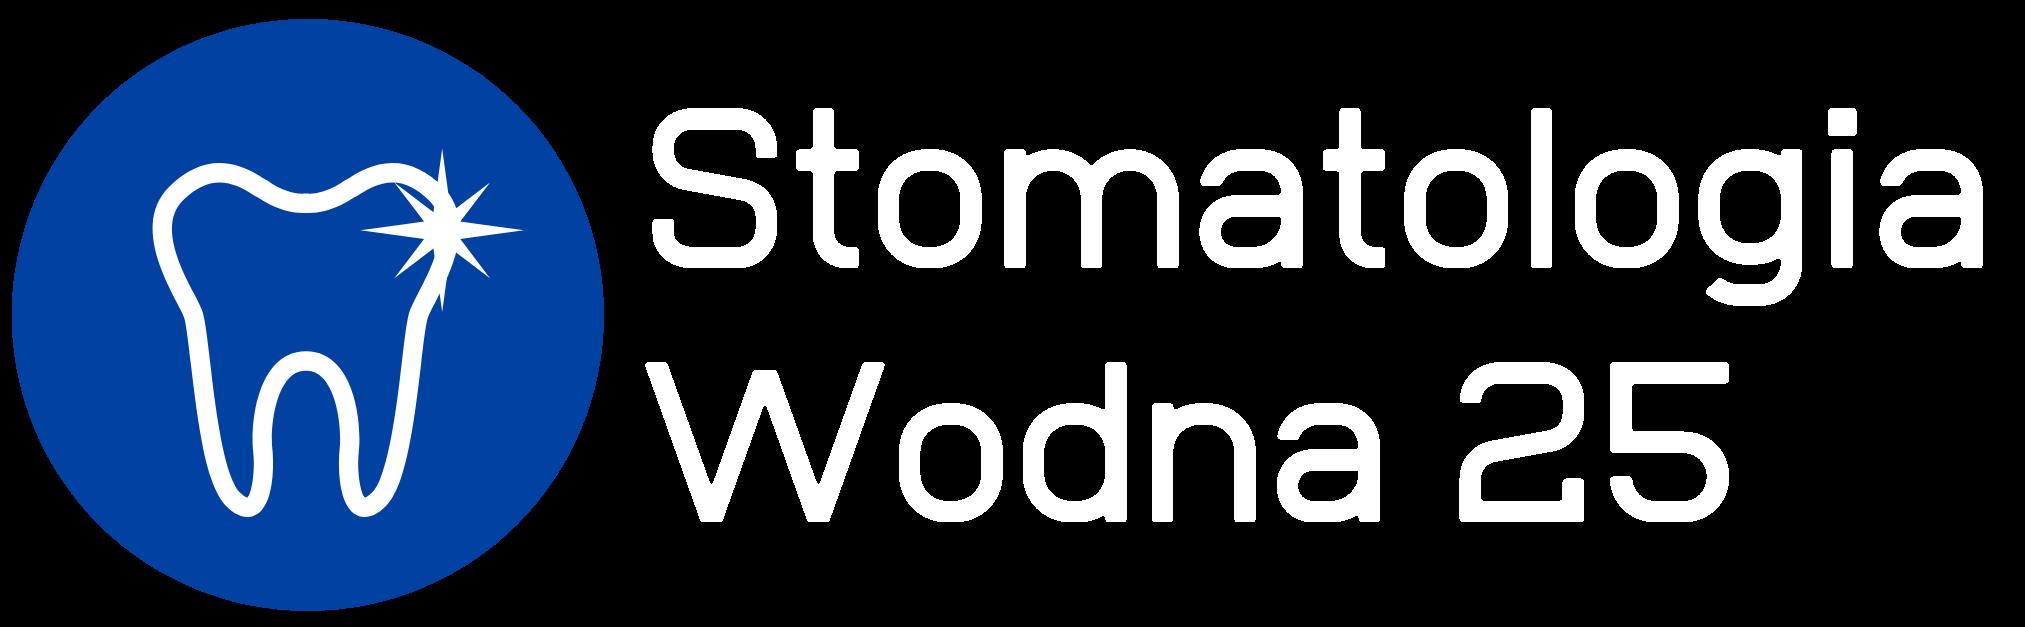 Stomatologia Wodna 25